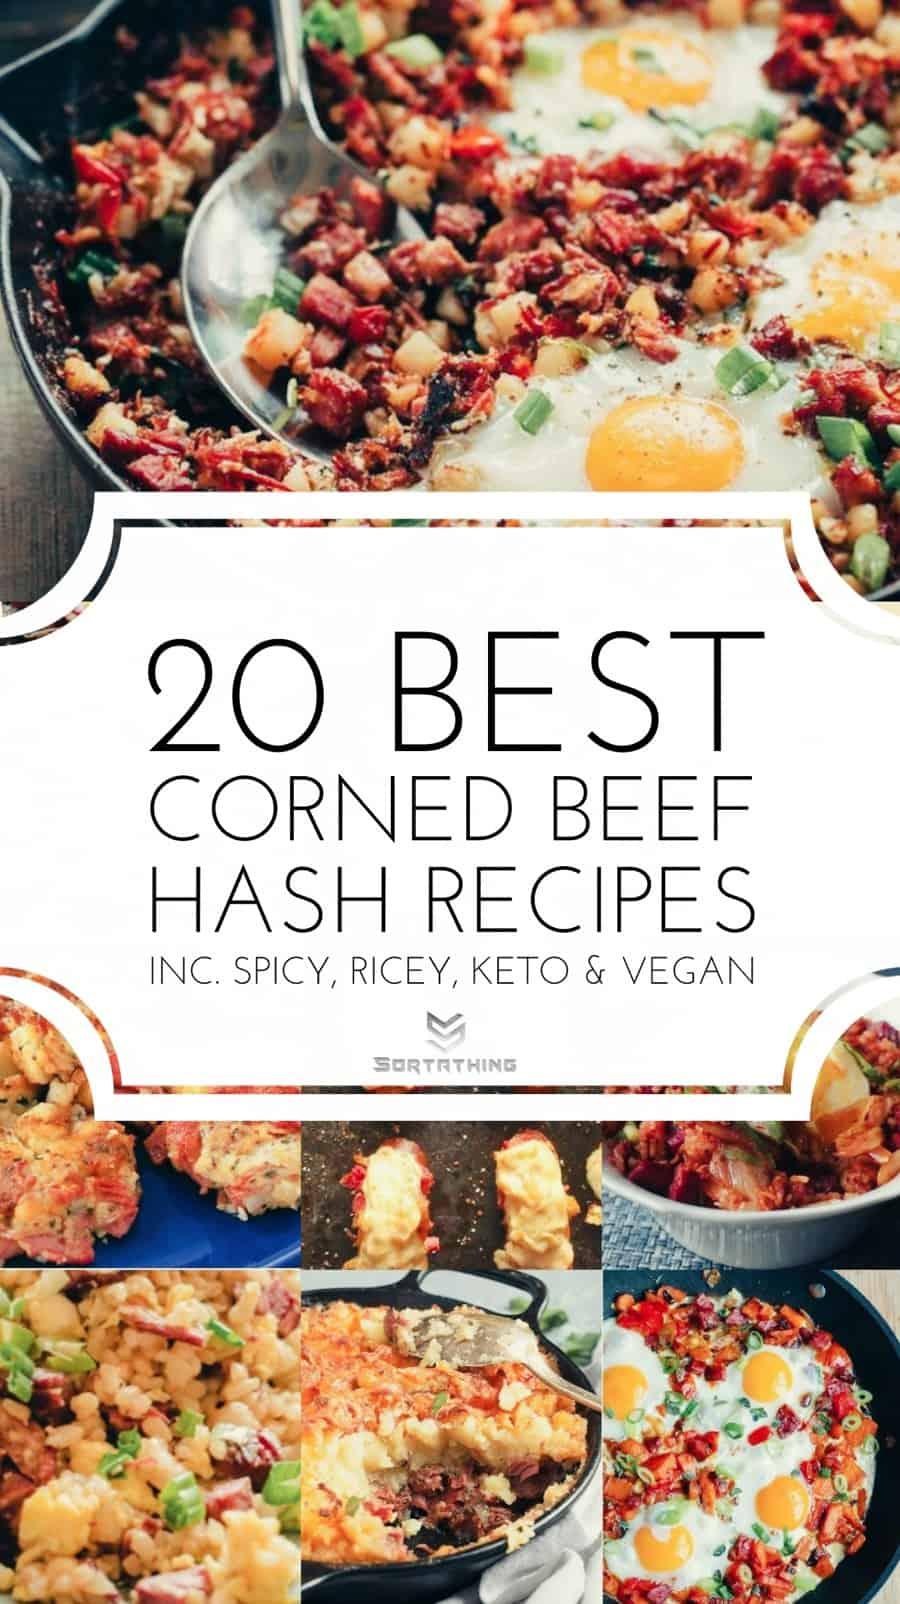 Best Corned Beef Hash Recipe